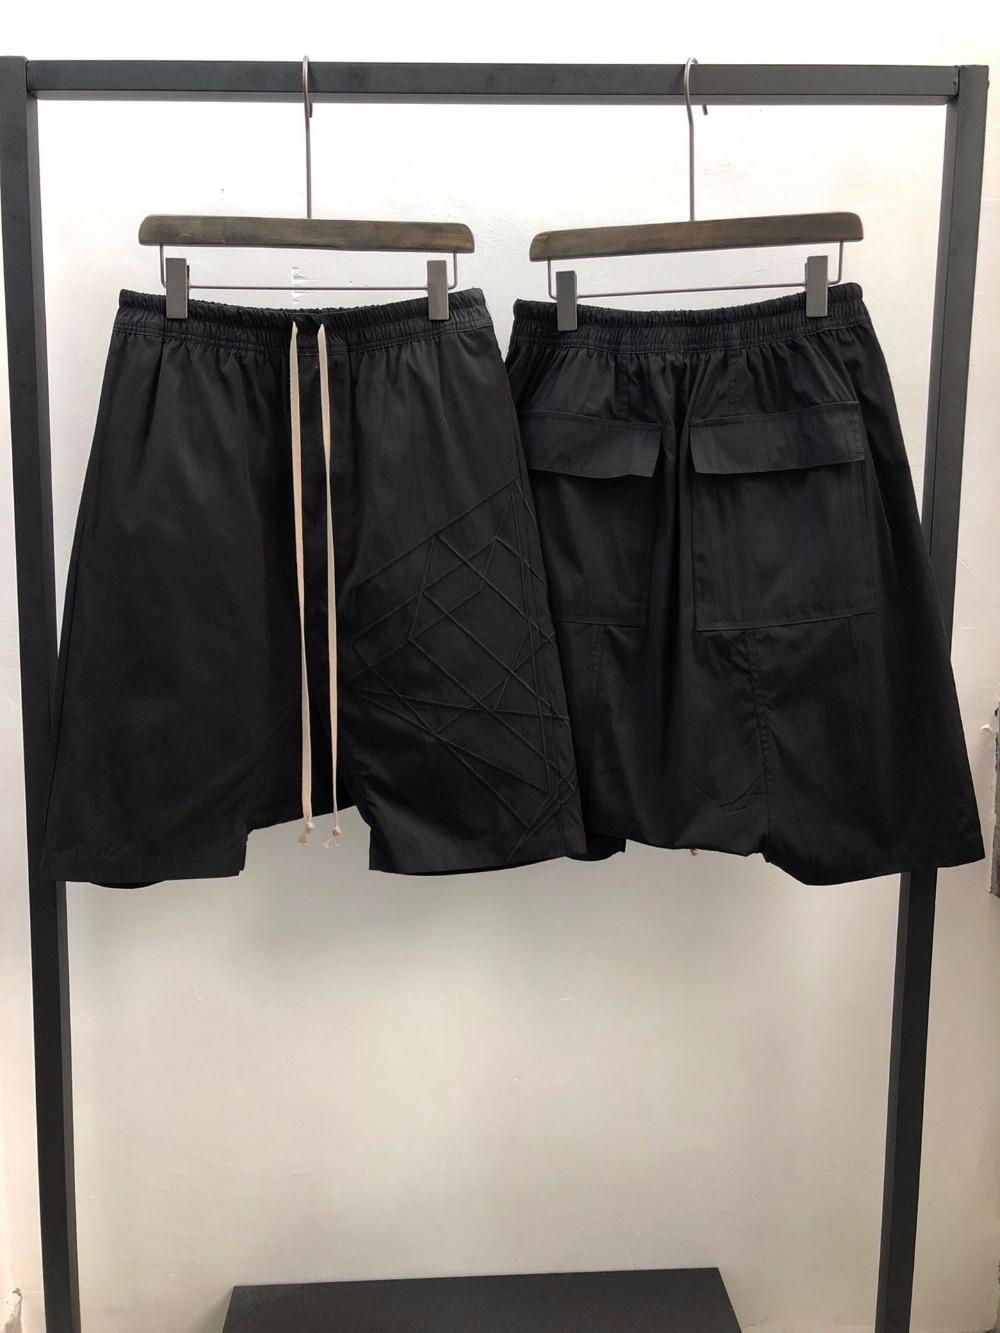 19ss أوين سيك الرجال عارضة قصيرة الحريم القوطية نمط ملابس للرجال Sweatpants الصيف النساء فضفاض أسود قصير حجم XL-في سراويل قصيرة من ملابس الرجال على  مجموعة 1